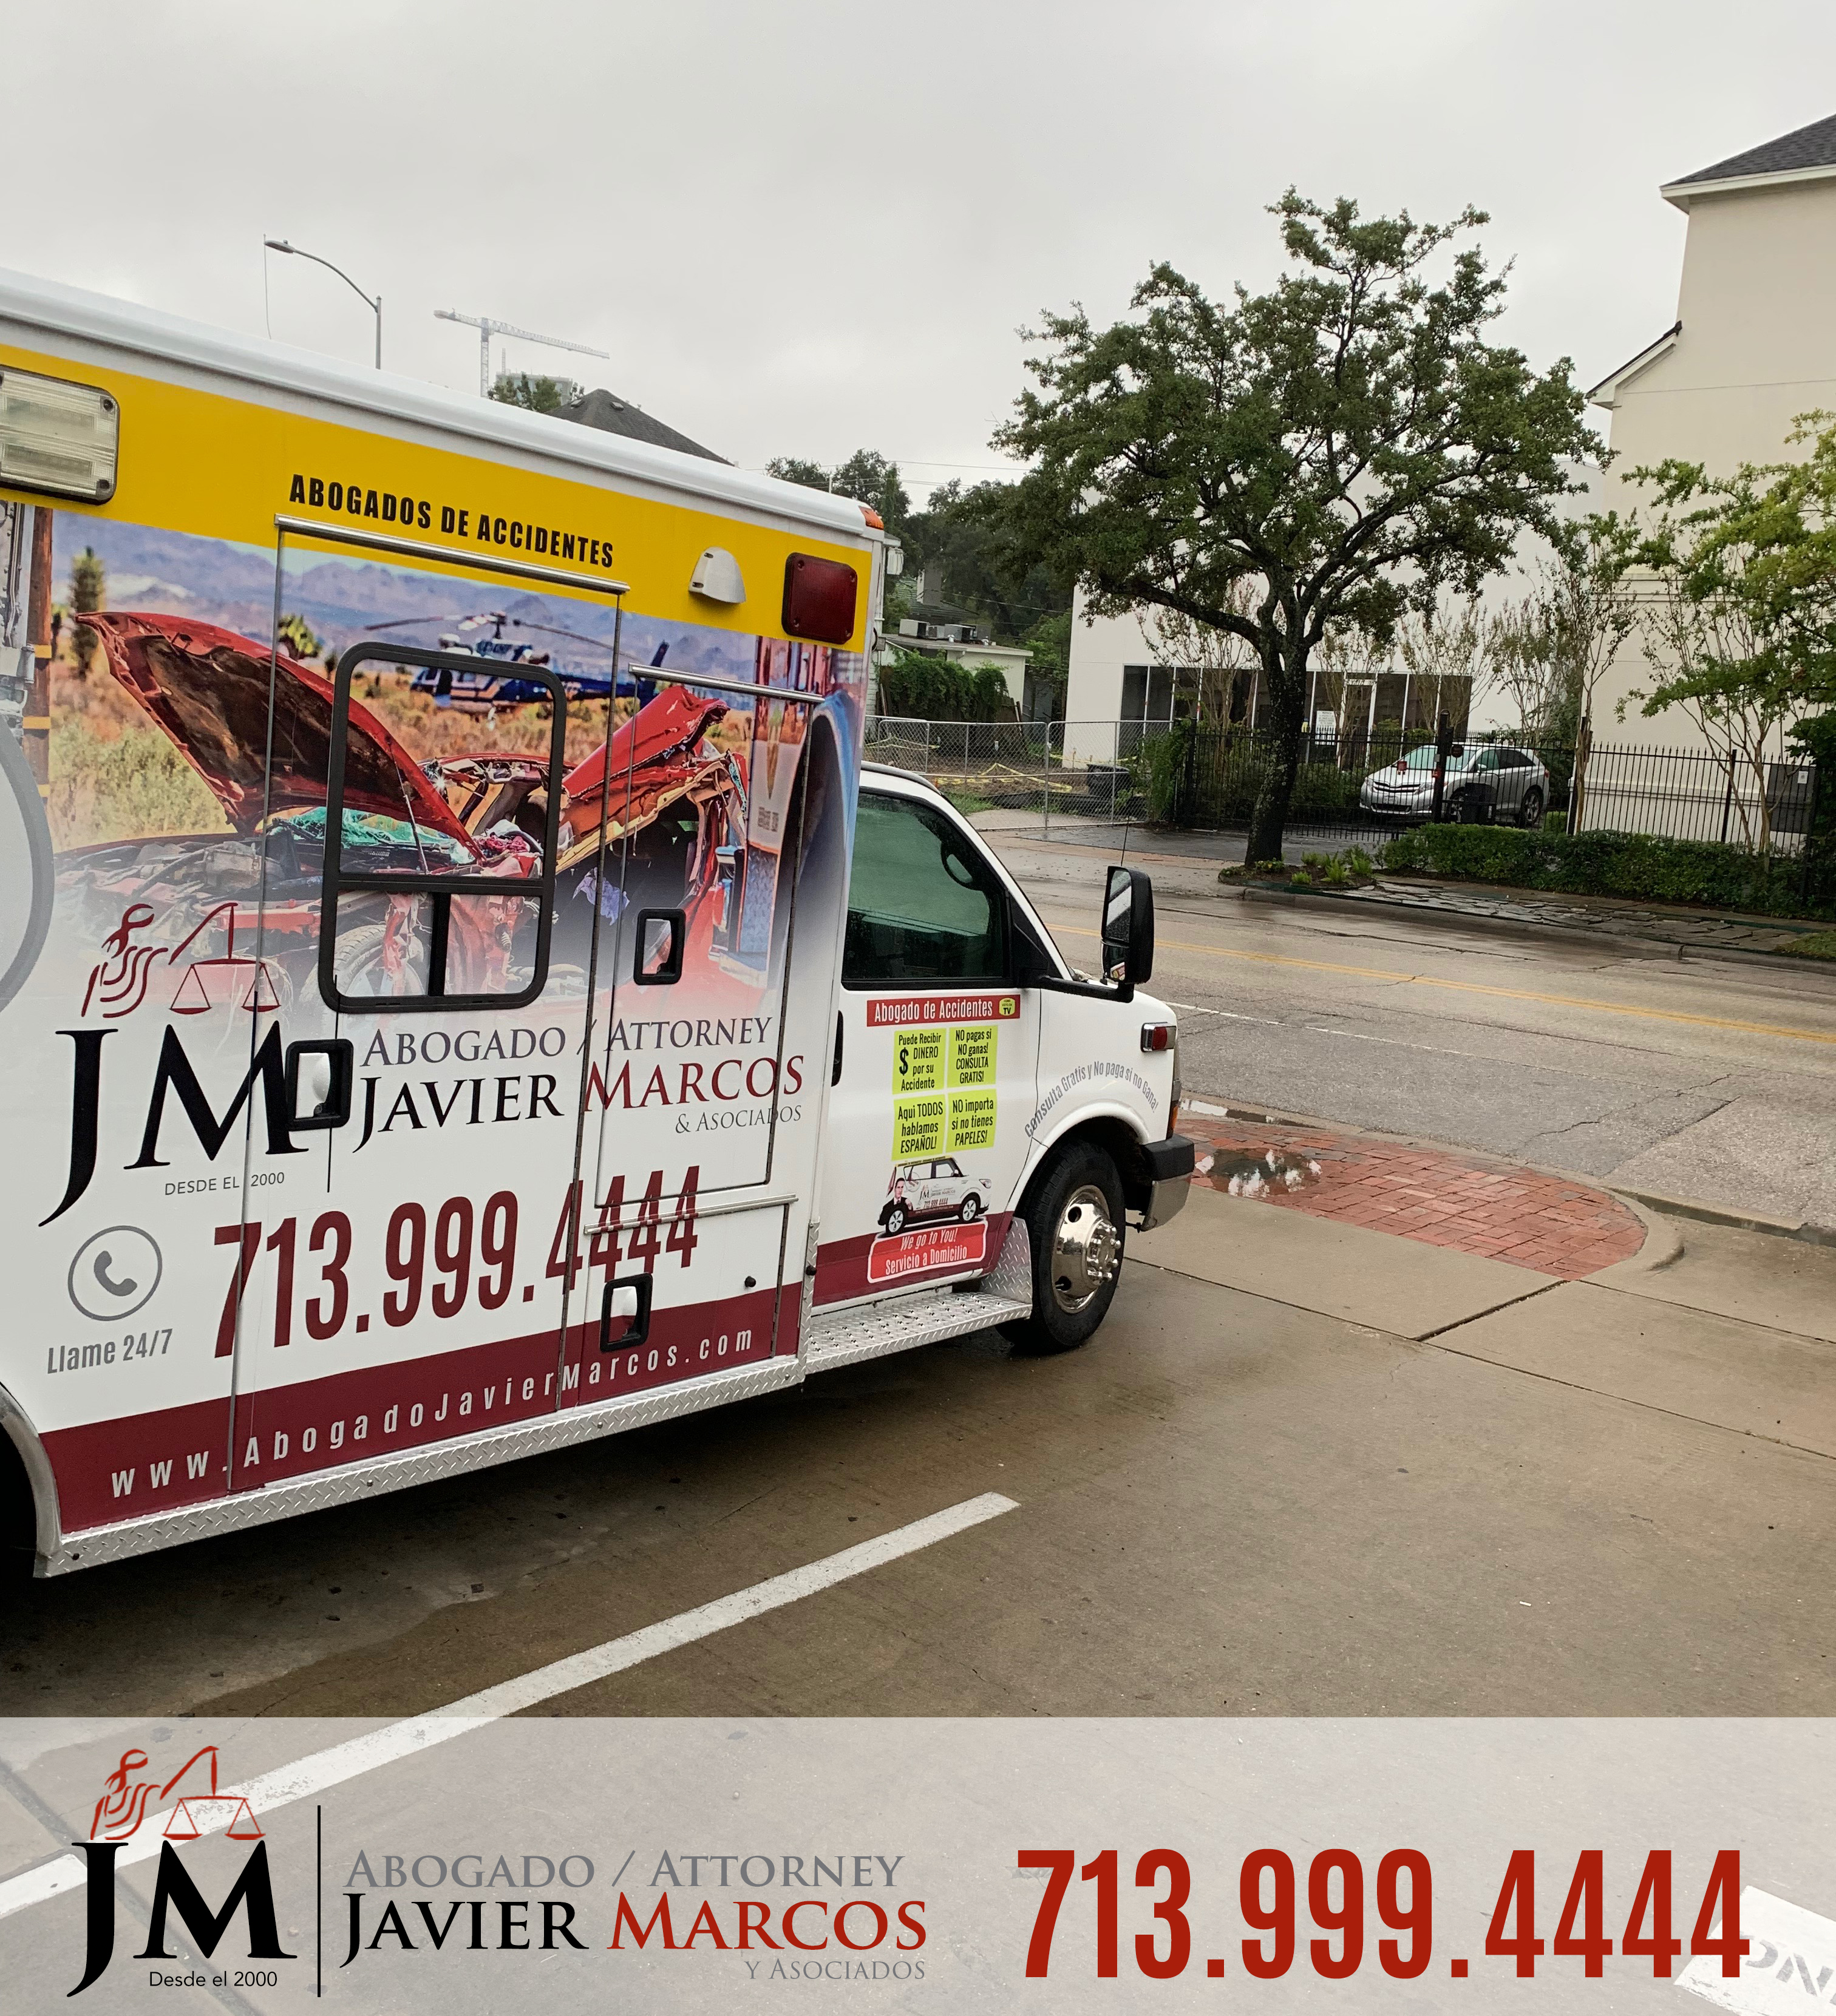 Abogado de Accidentes en calles | Abogado Javier Marcos | 713.999.4444